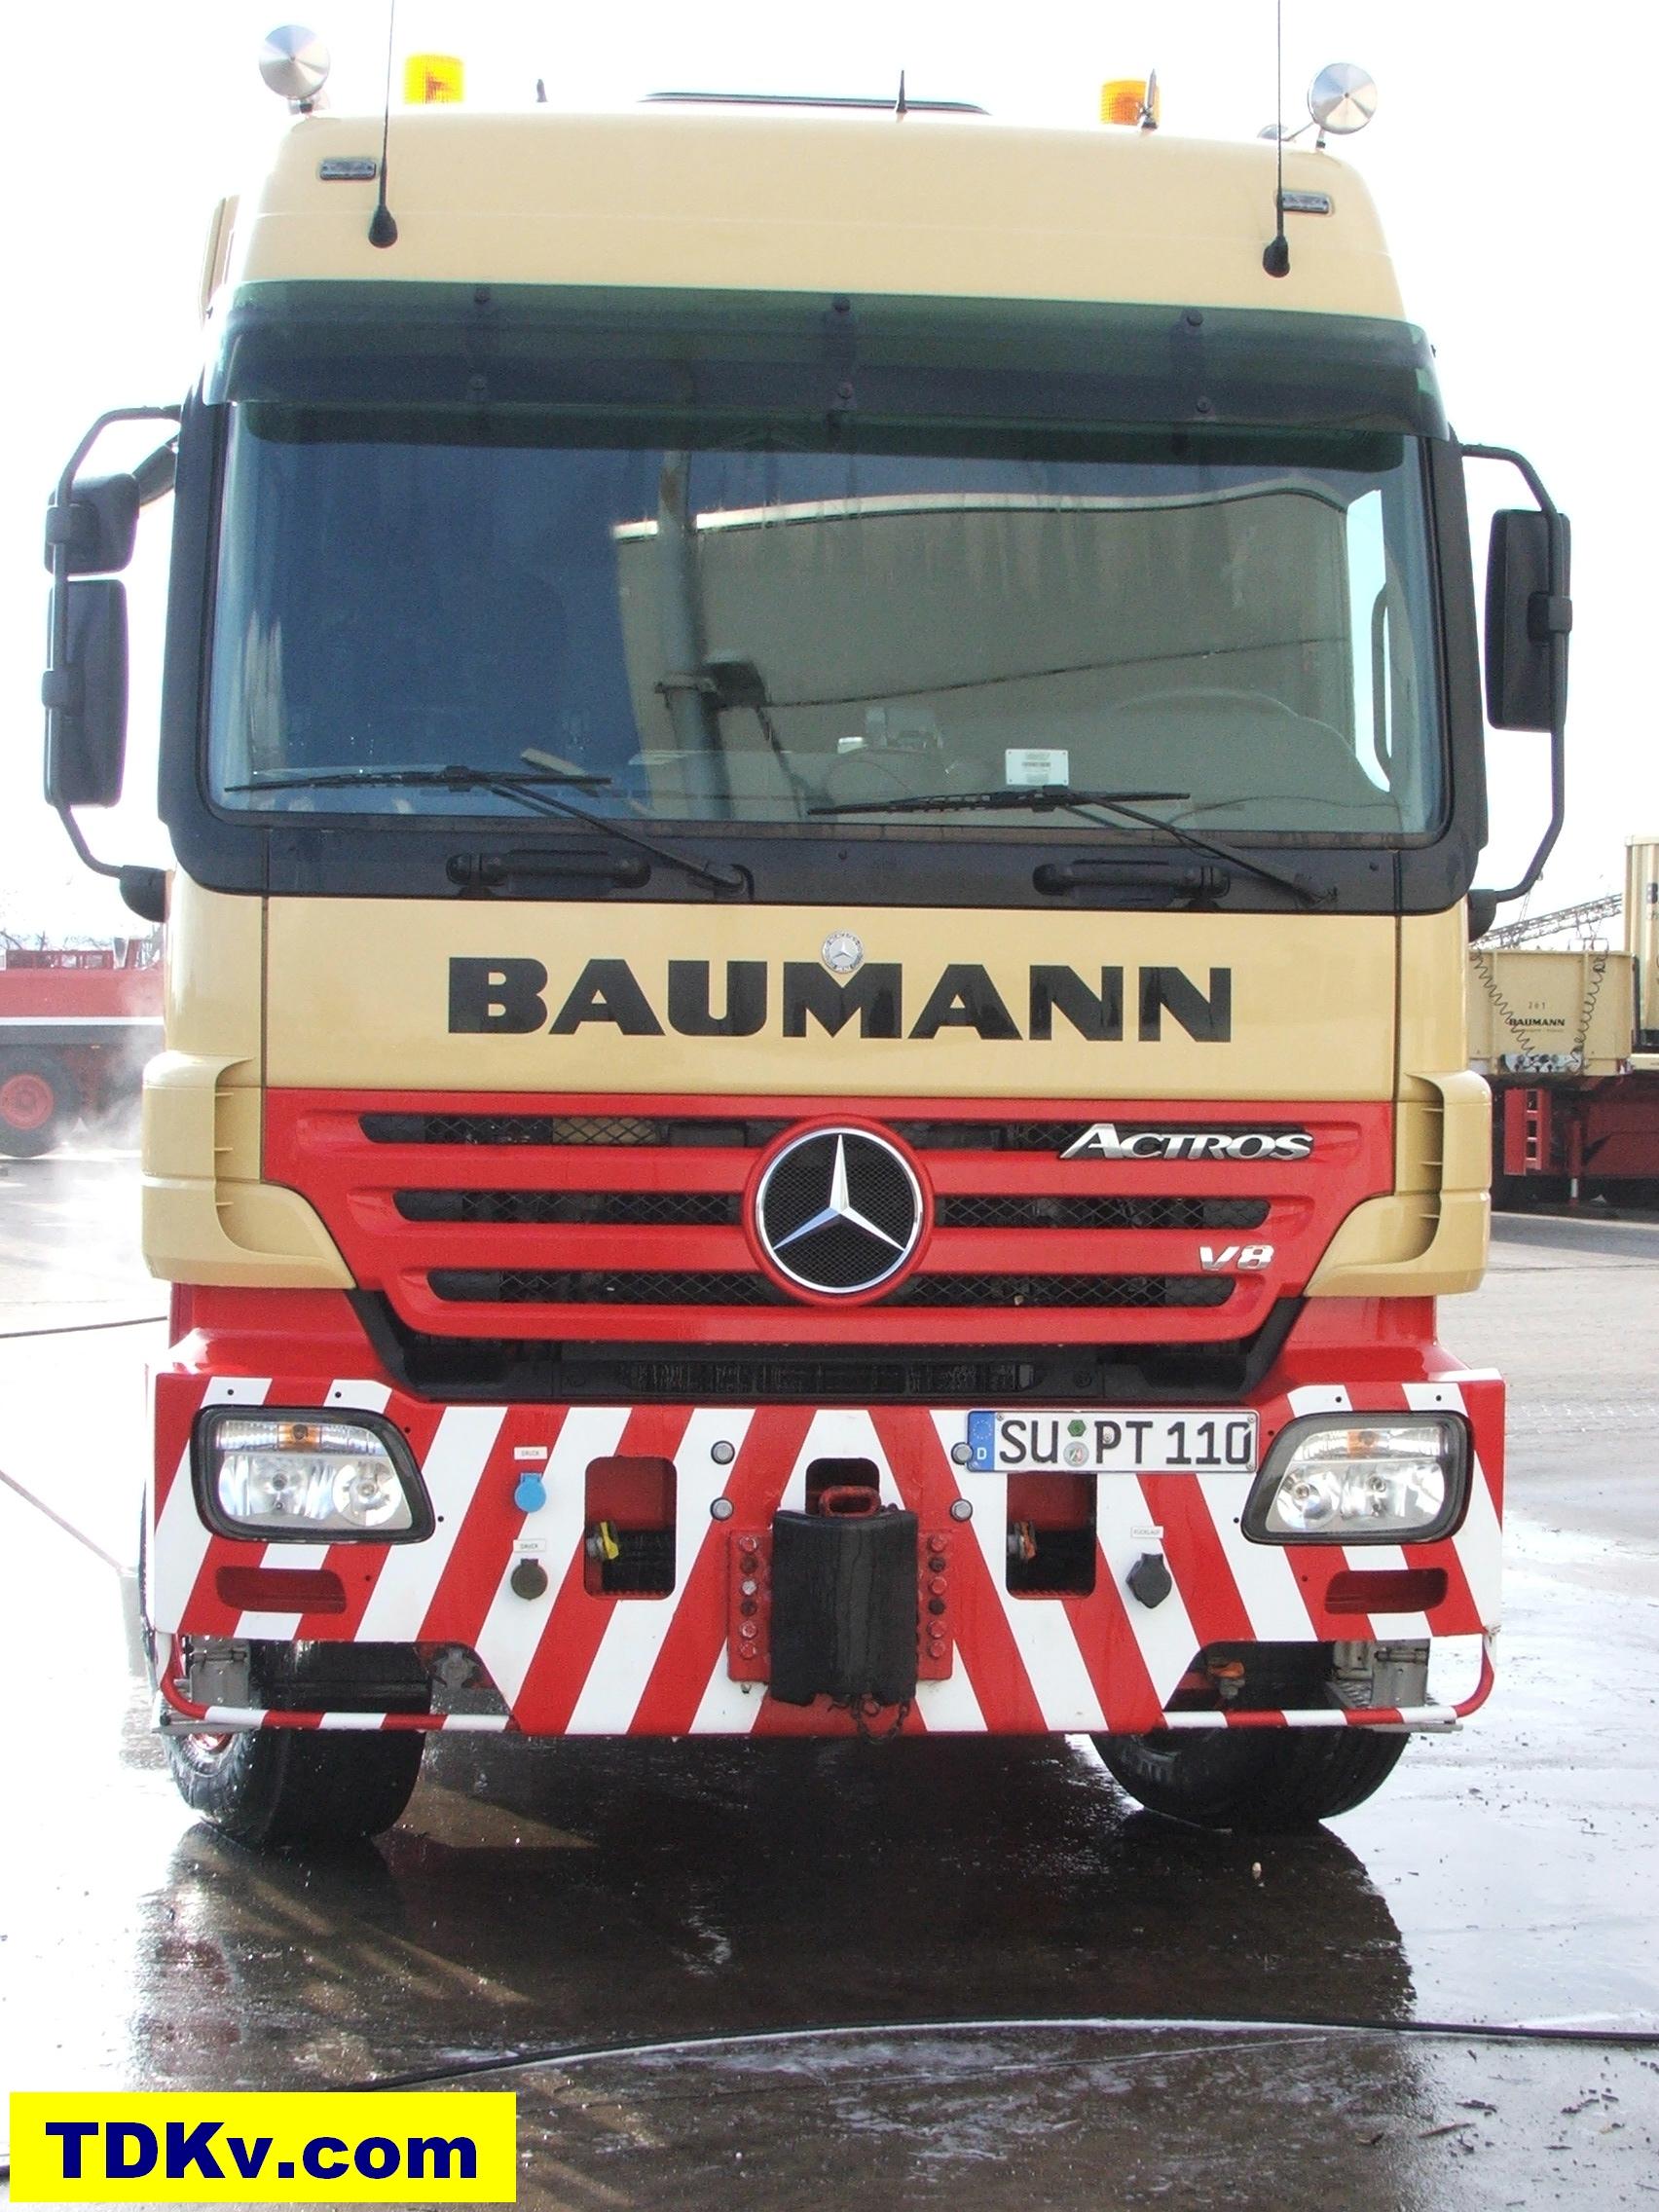 Baumann Actros 3360 prime mover